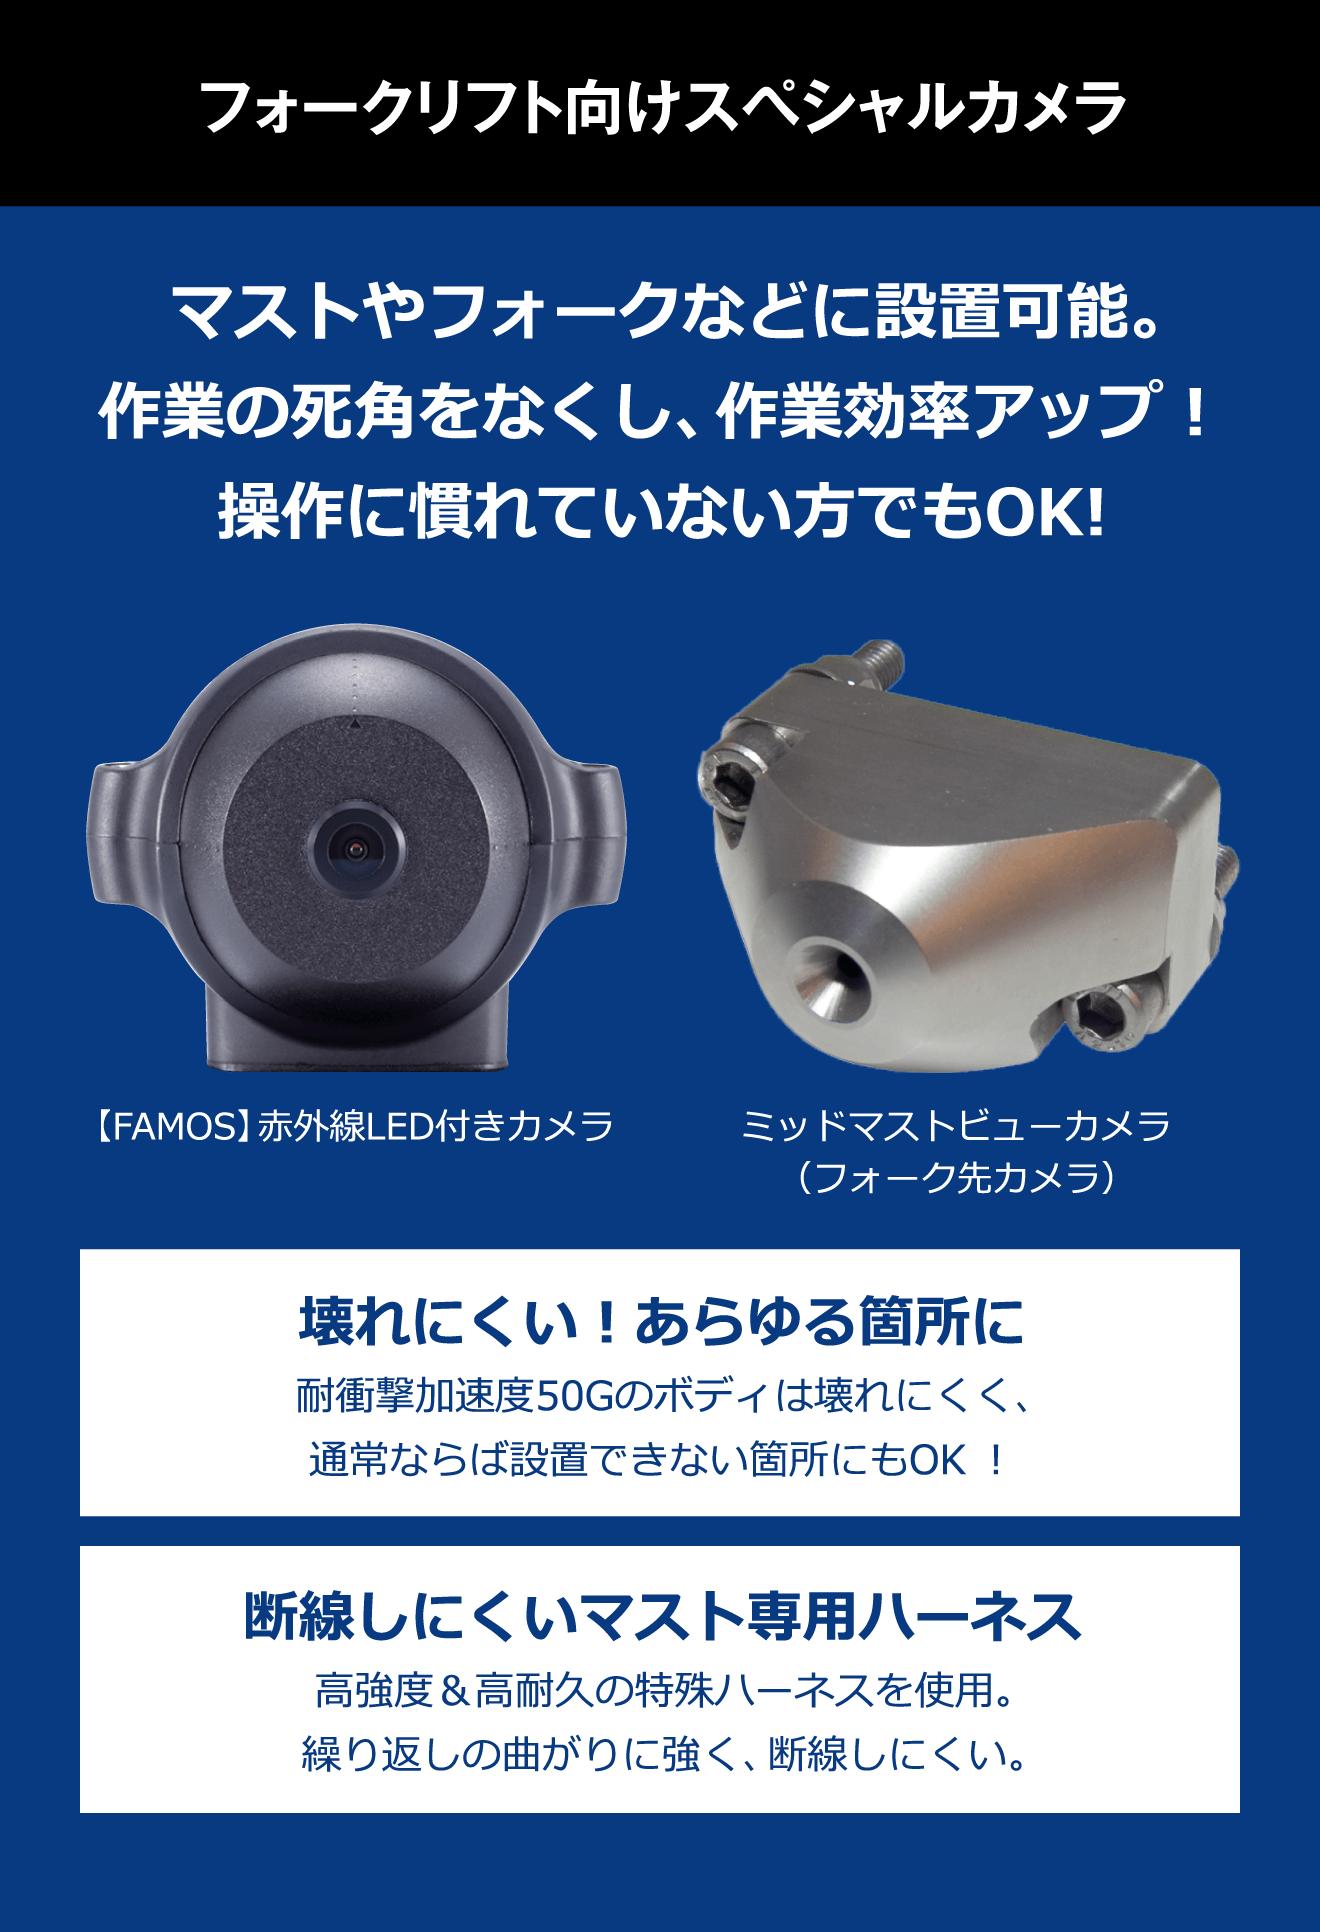 エウレカおすすめ!フォークリフト専用スペシャルカメラ